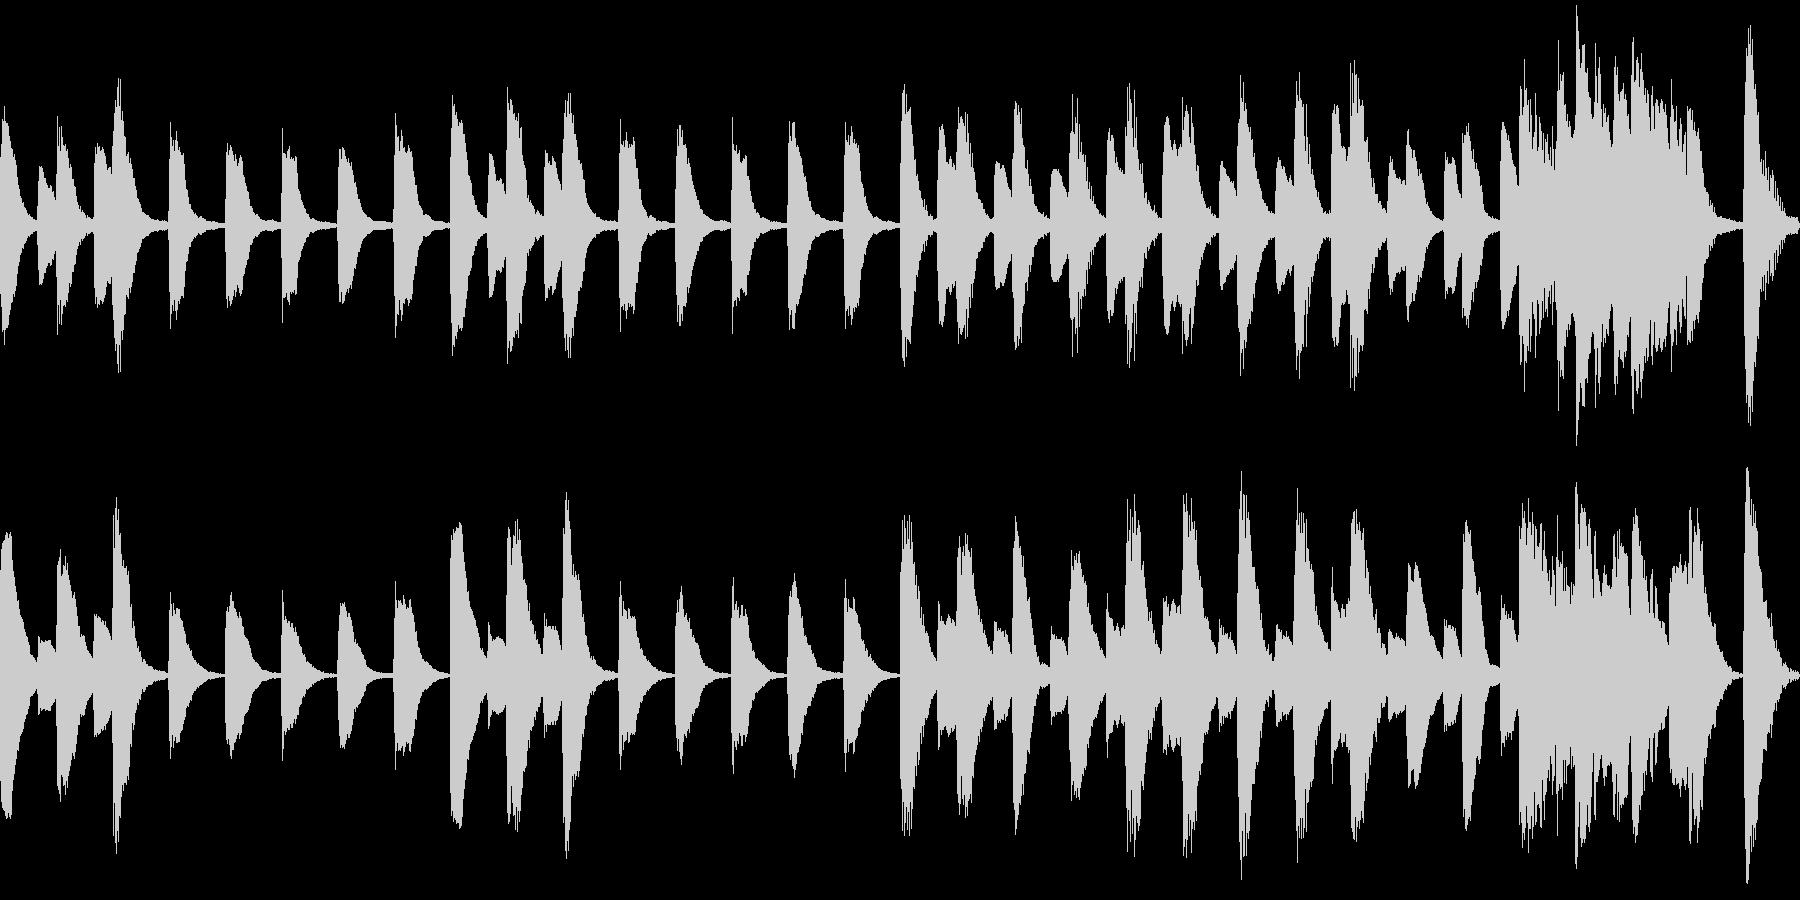 行進しているようなピアノ曲。15秒の未再生の波形